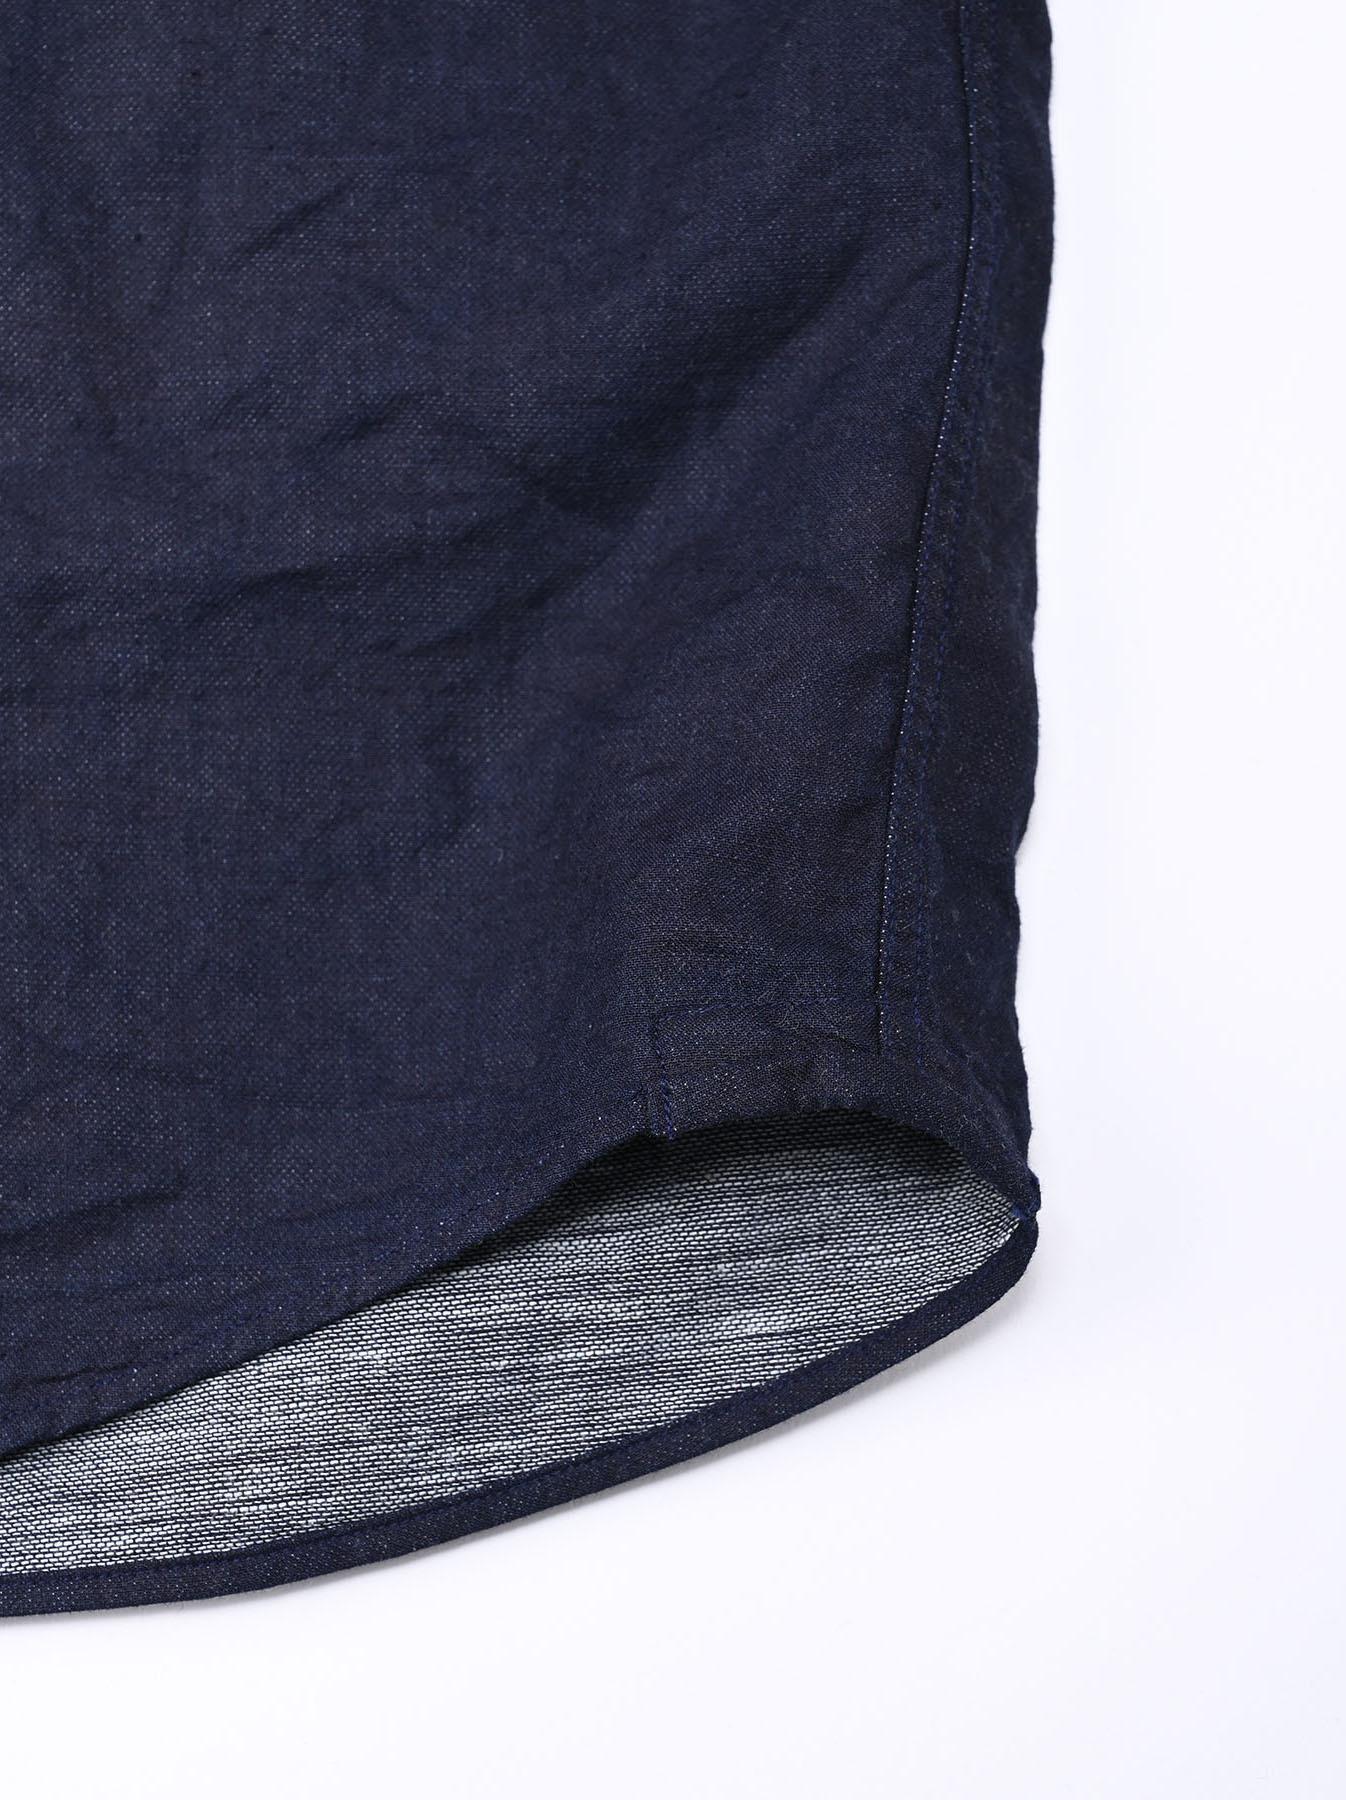 Indigo Gauze 908 Ocean Shirt-10